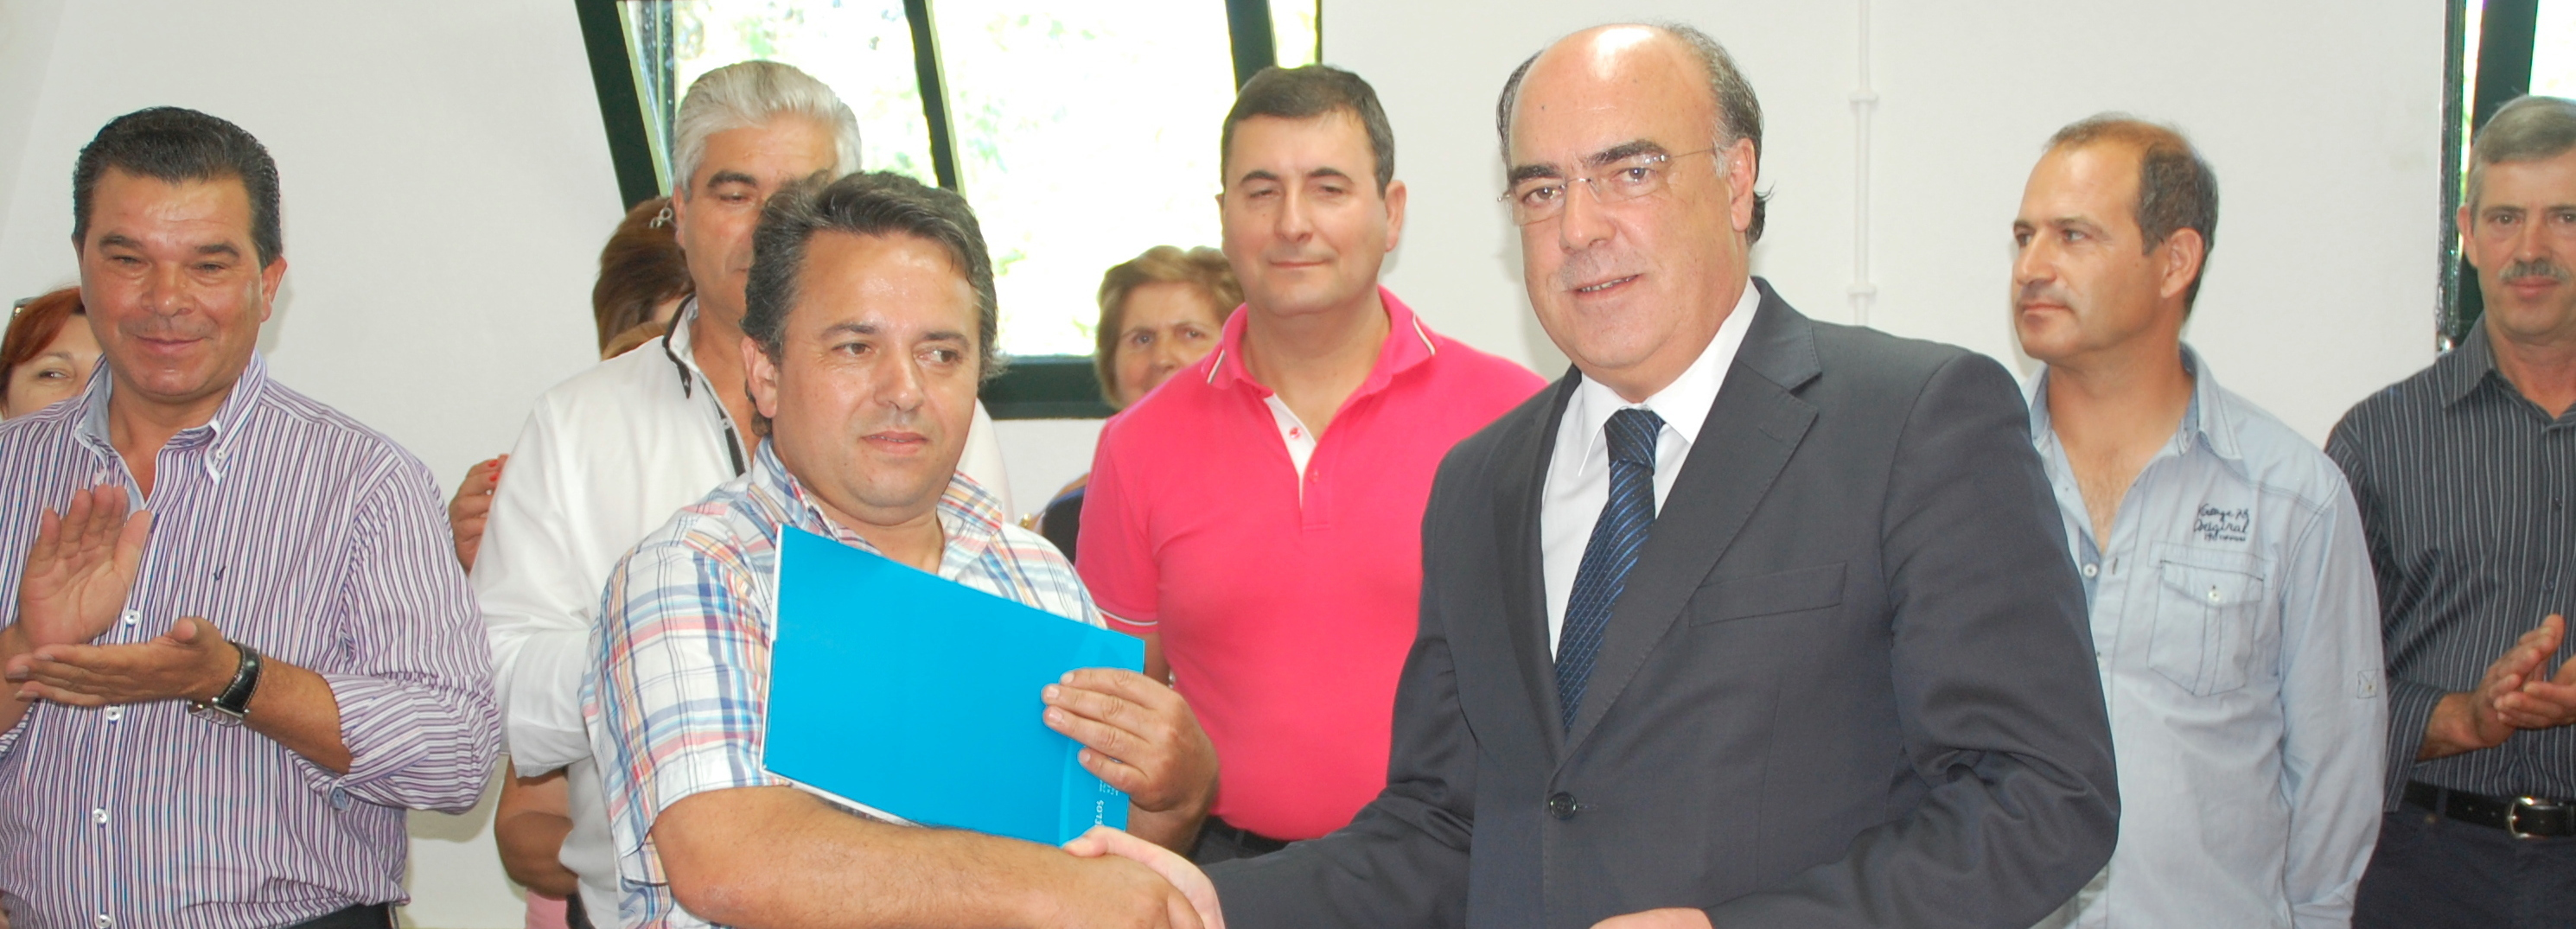 Presidente da Câmara inaugurou em Cristelo nova sede da Associação de Caça e Pesca